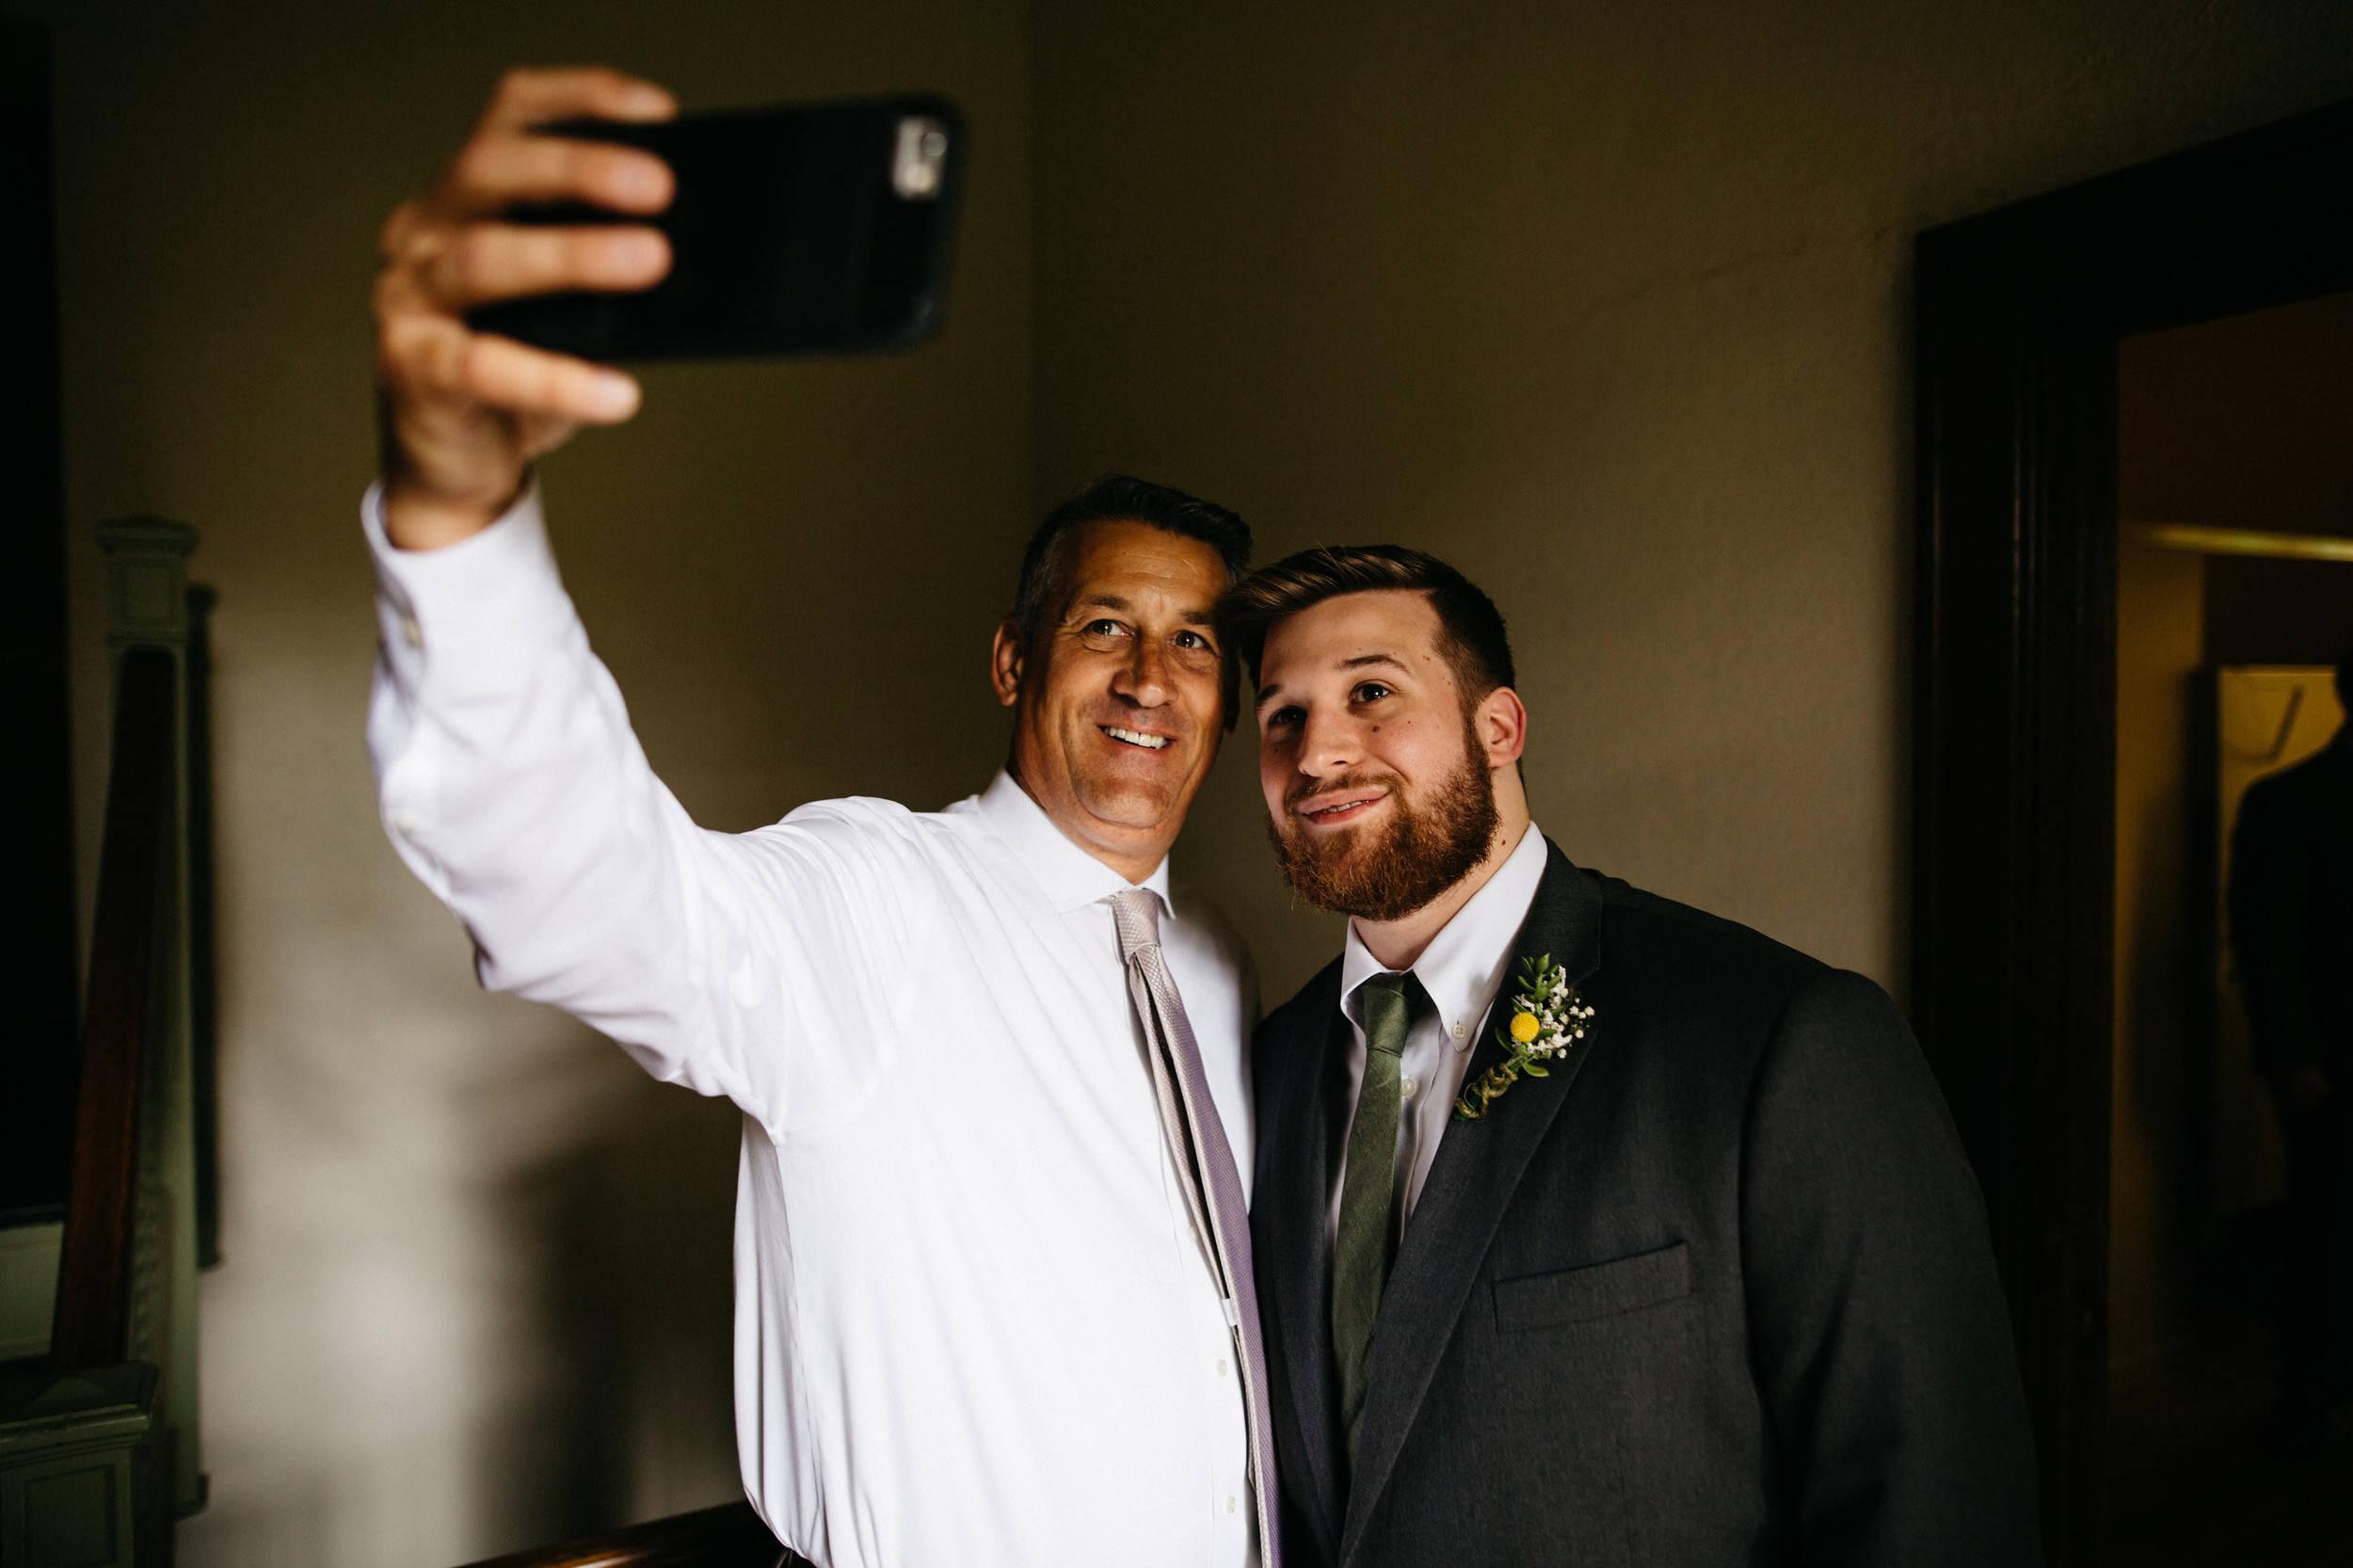 Groomsmen taking a selfie before wedding